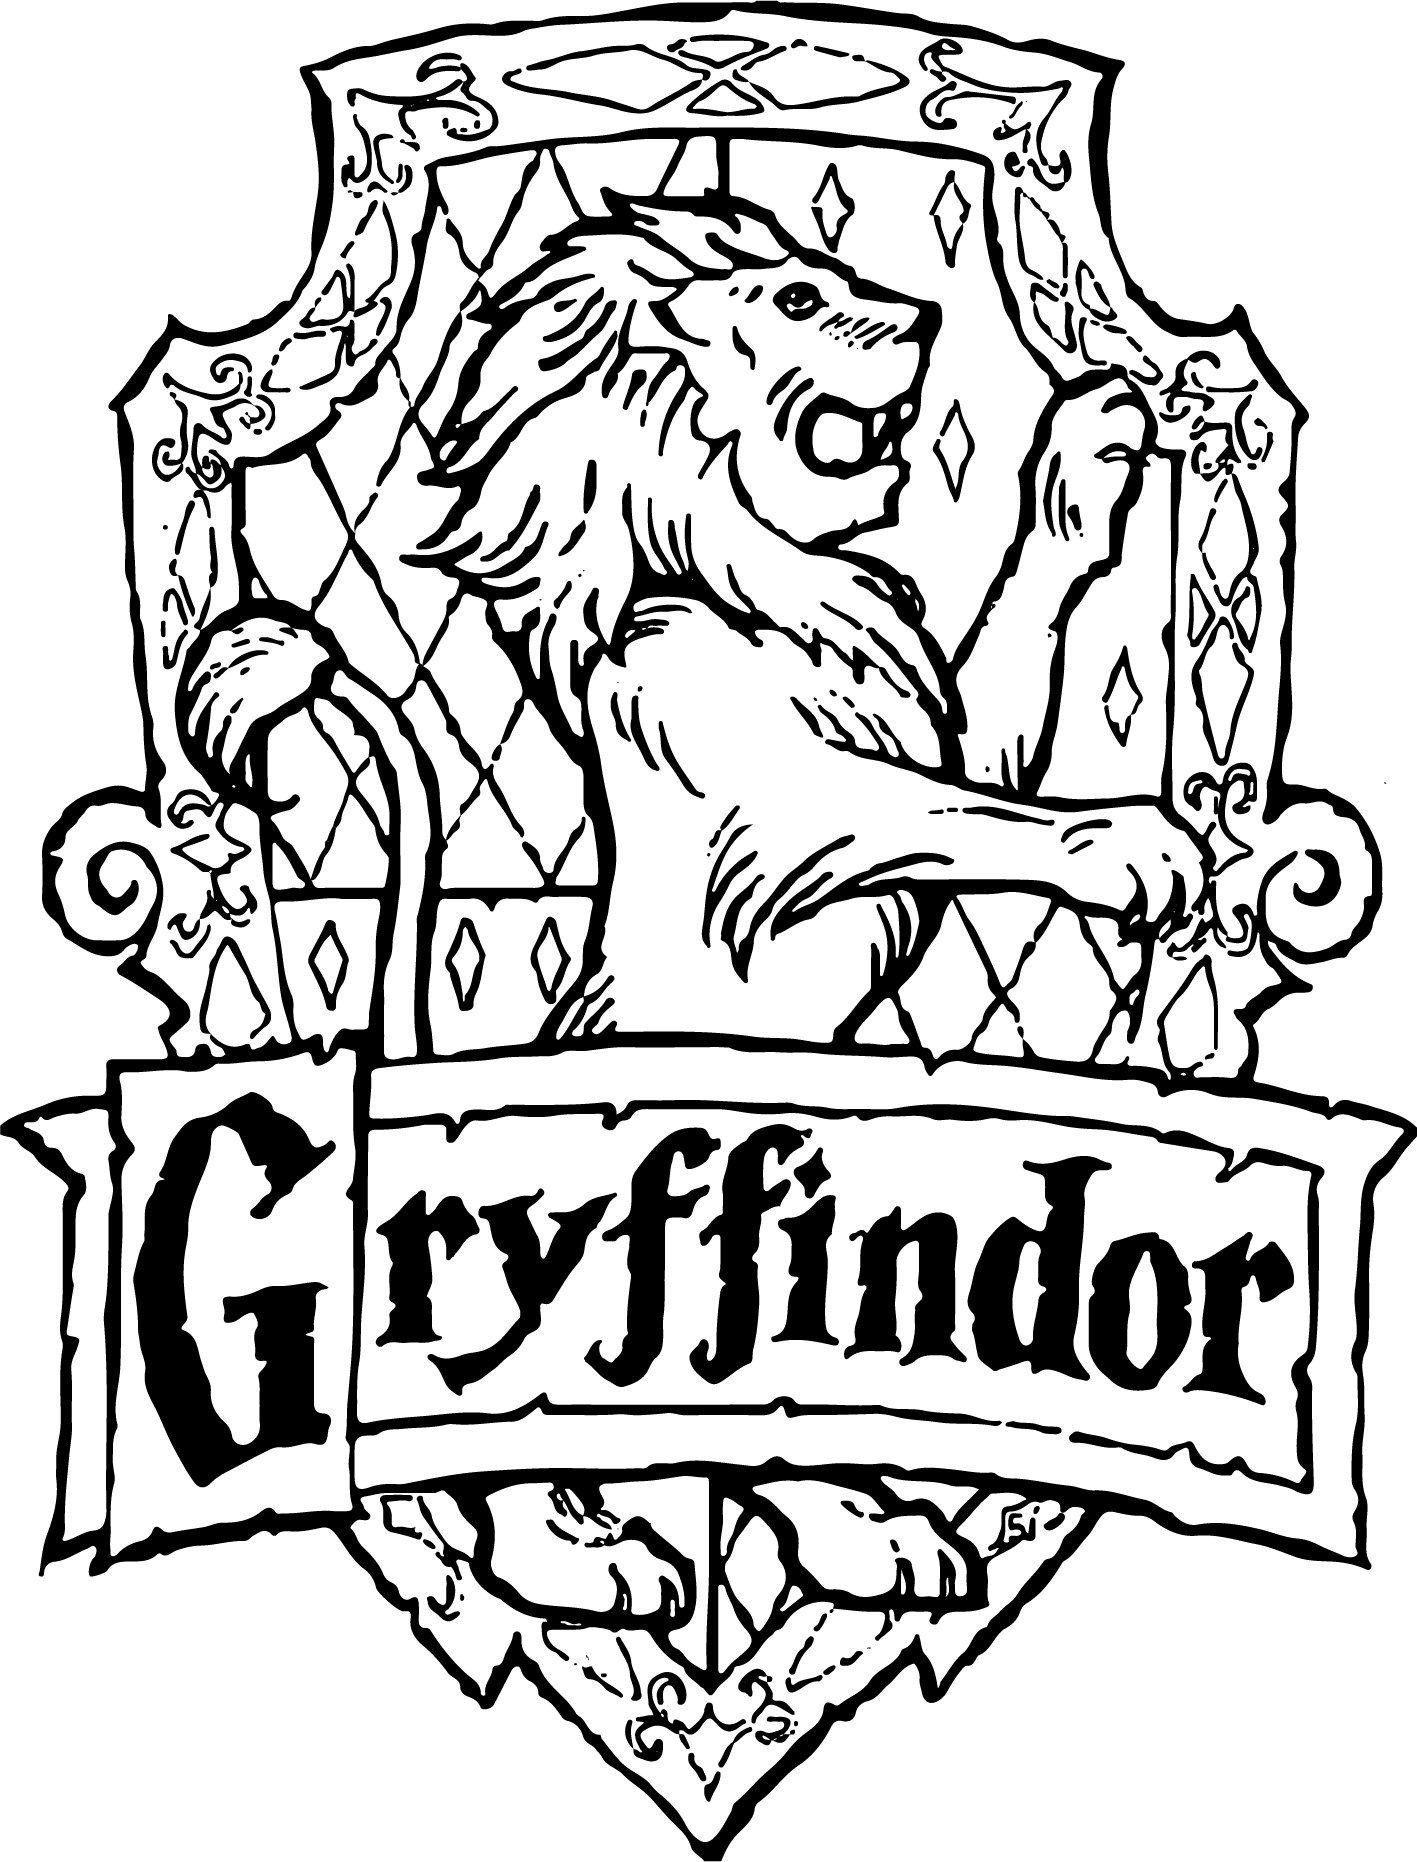 Hogwarts Crest Svg : hogwarts, crest, Harry, Potter